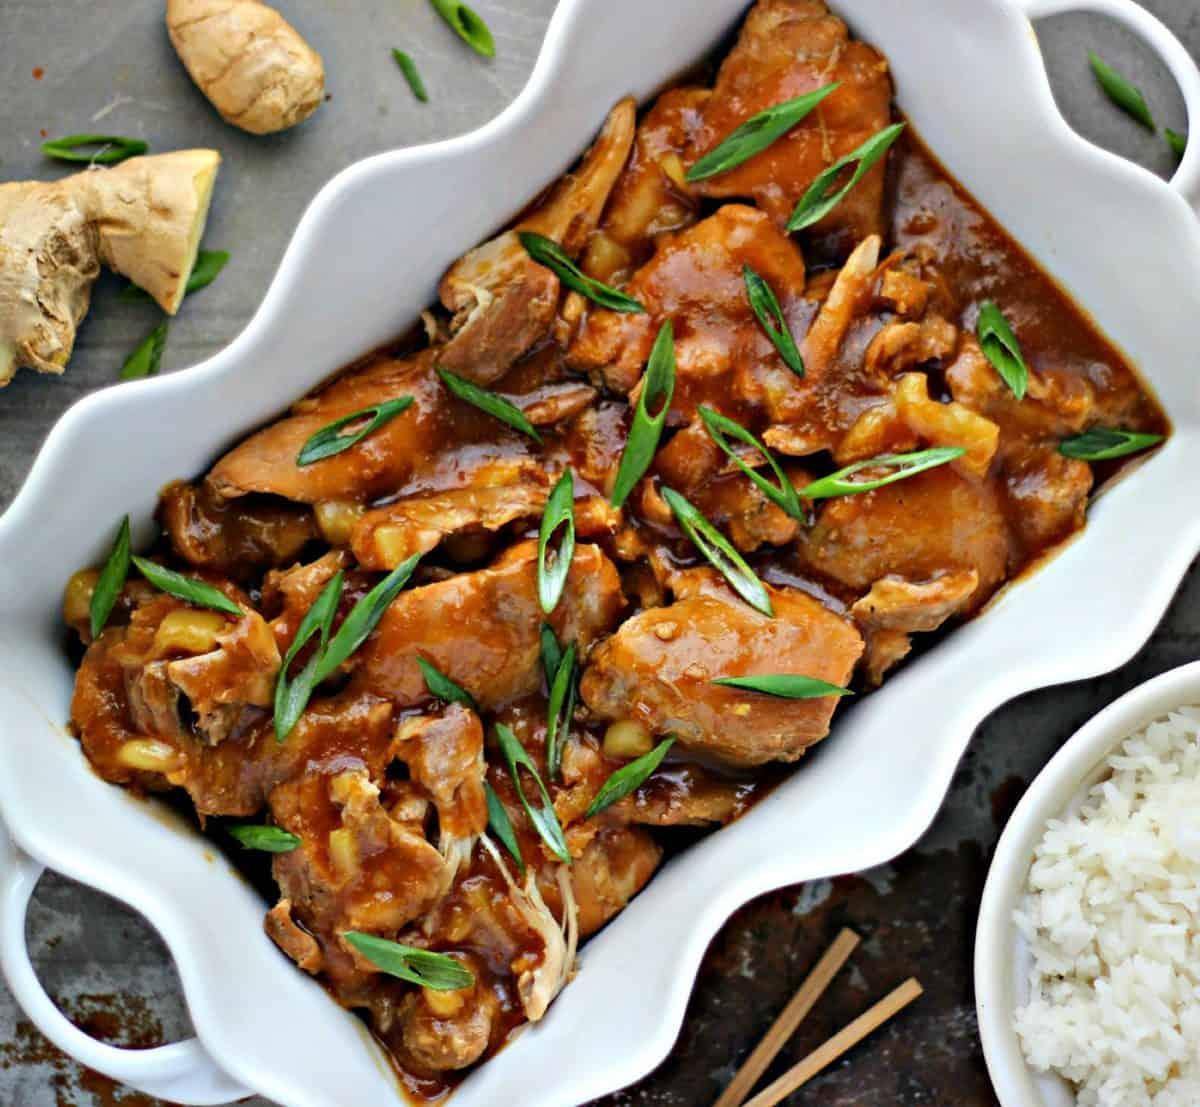 Shoyu Chicken recipe in a white ceramic dish.